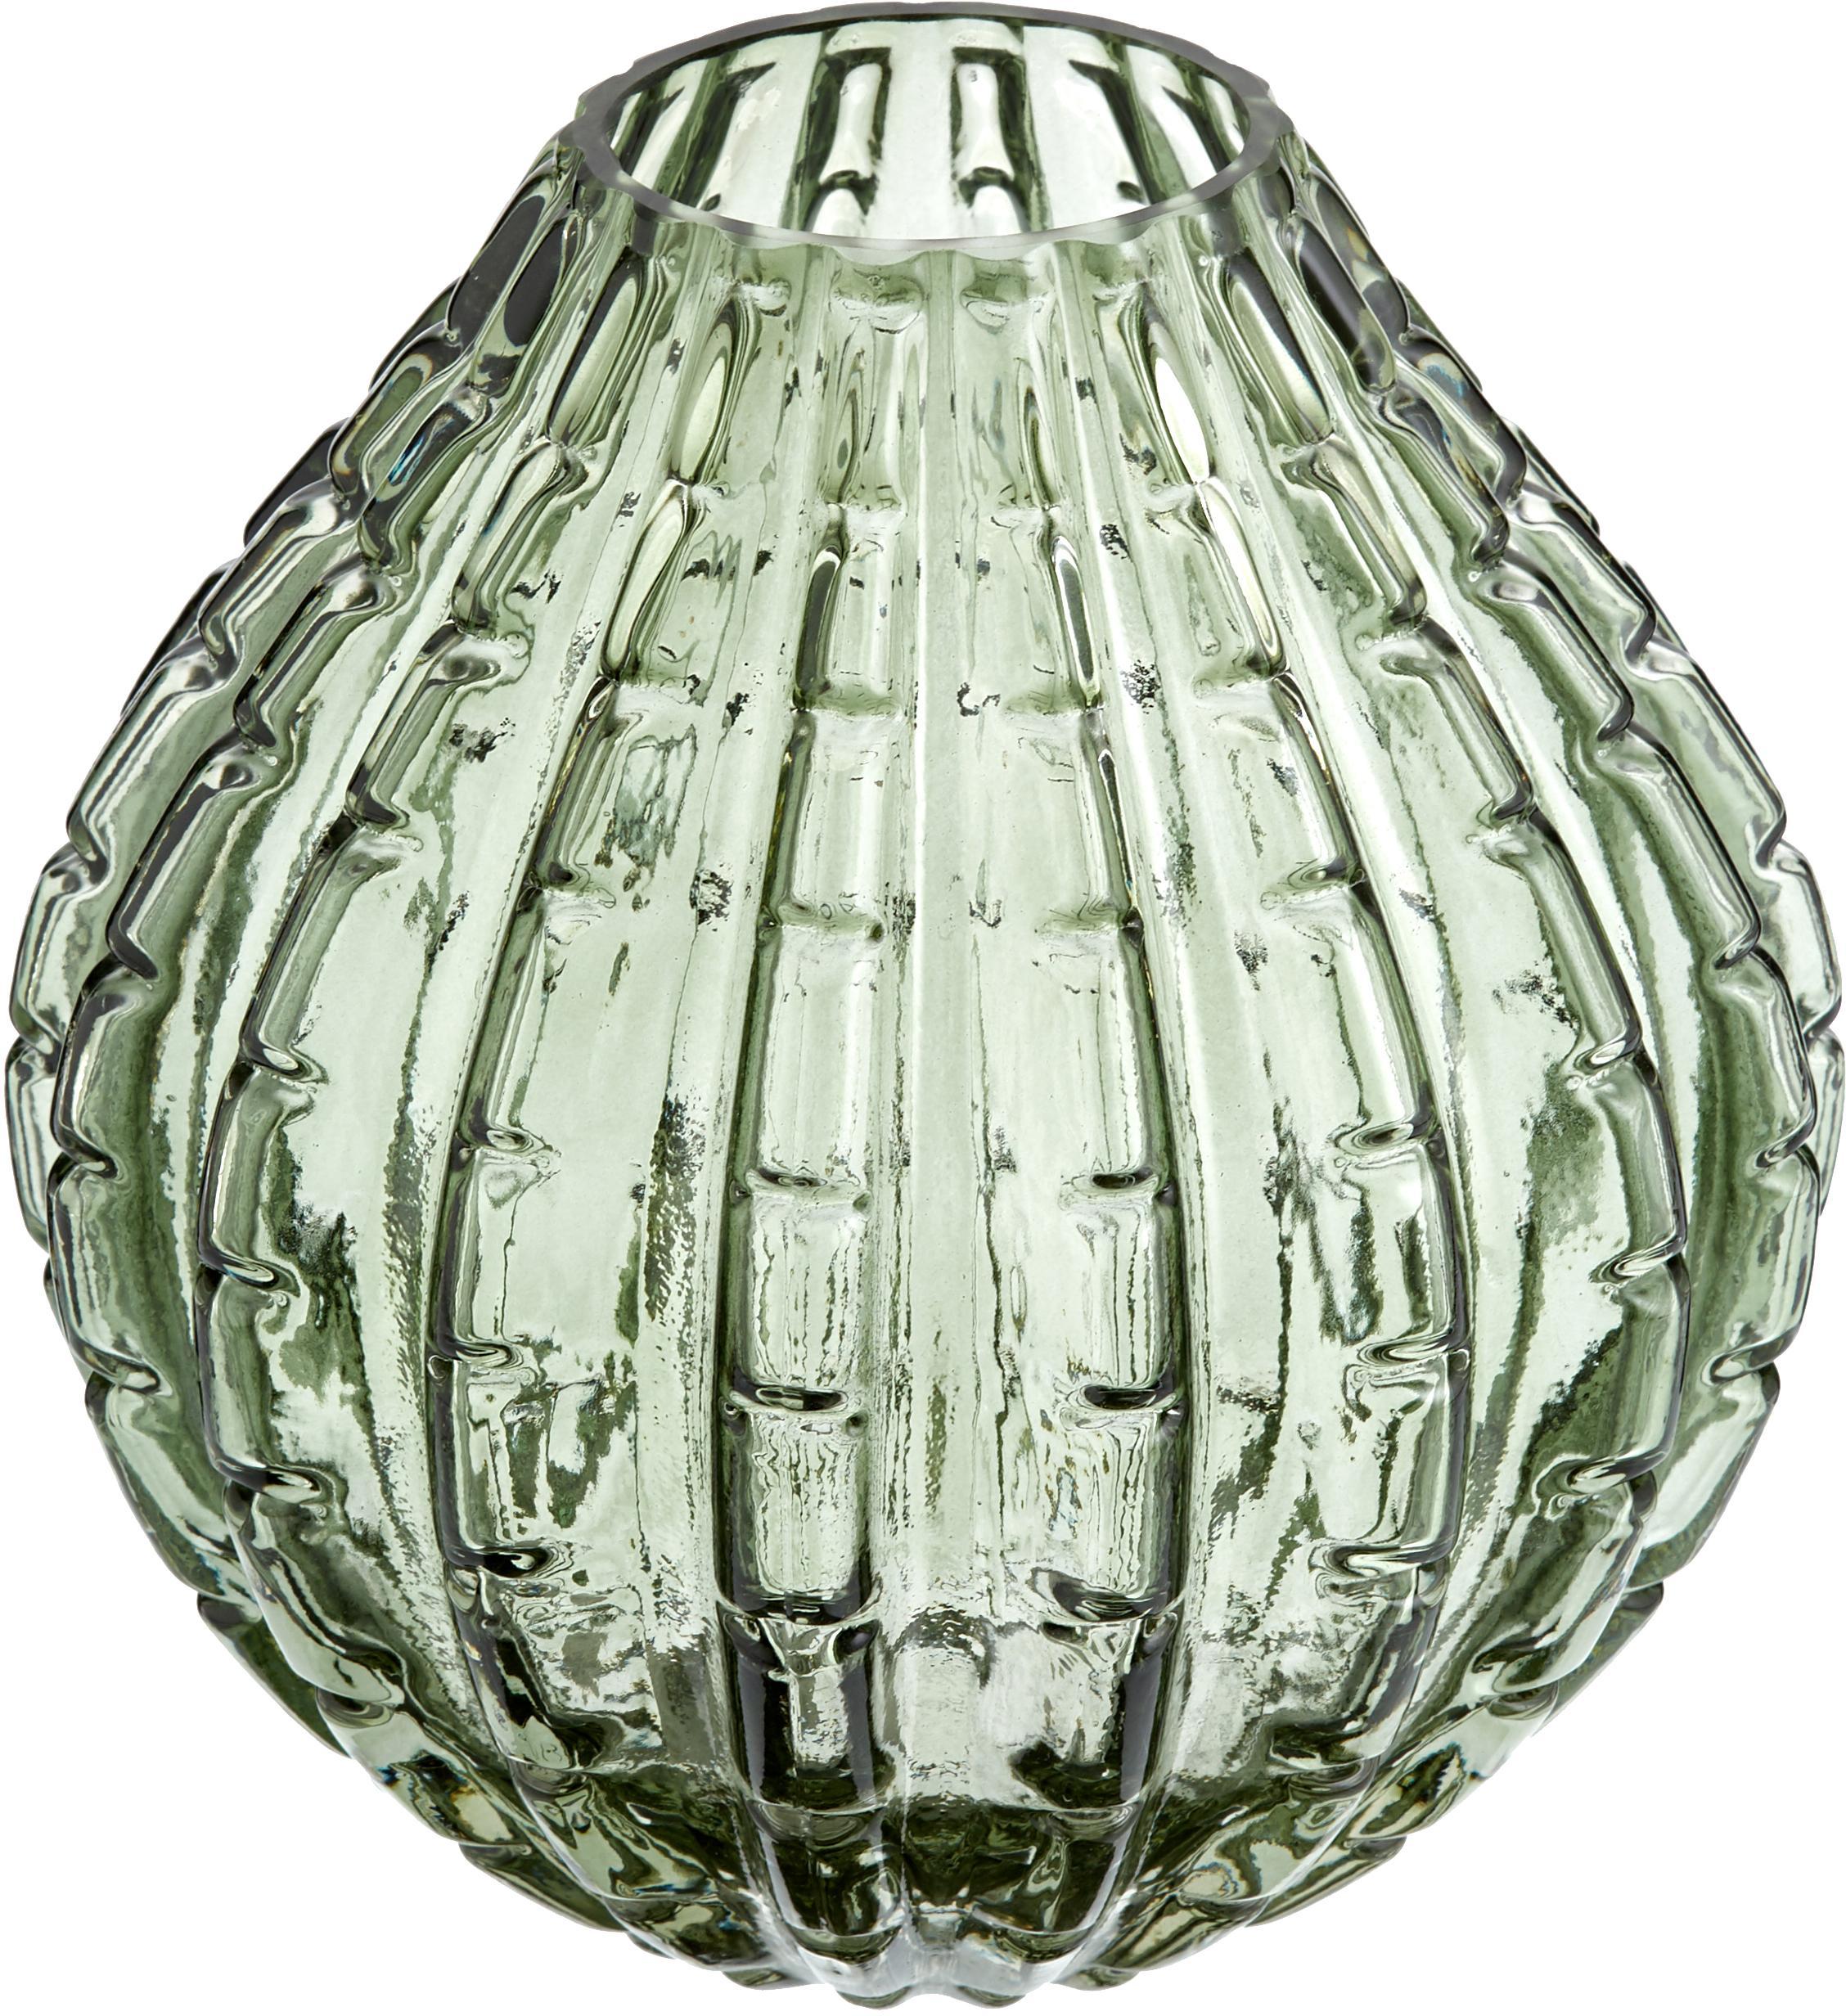 Wazon ze szkła Lioba, Szkło, Zielony, Ø 15 x W 17 cm